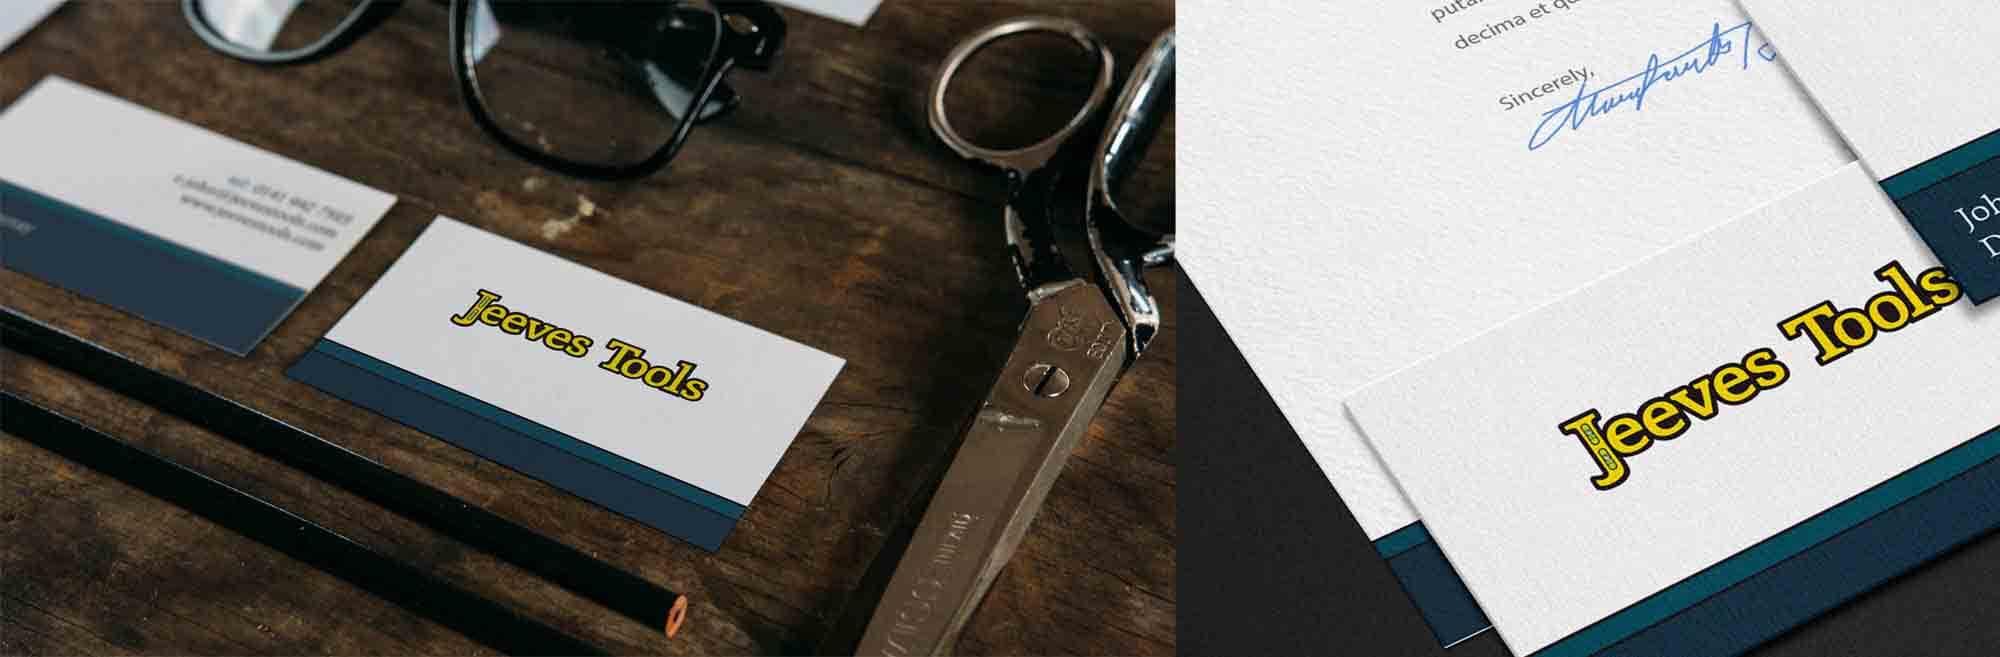 Jeeves Tools Branding